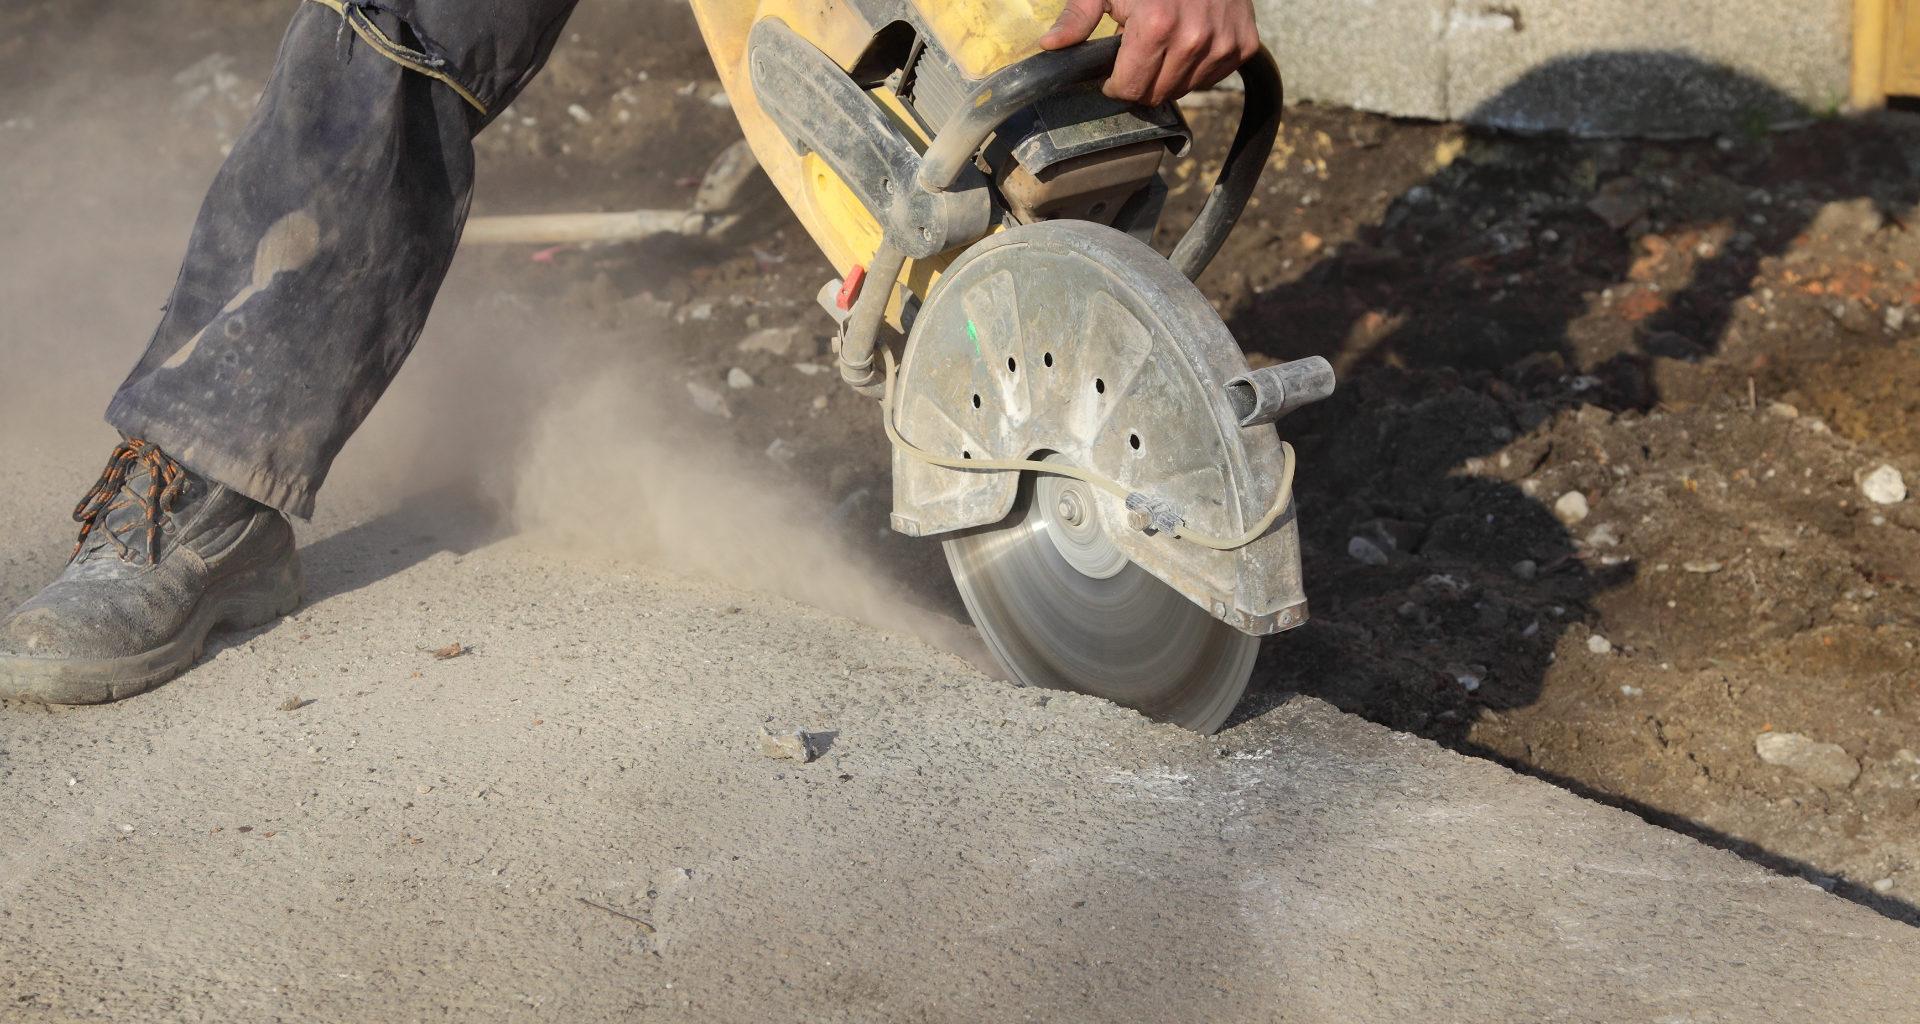 Iščete ponudnika za vrtanje, rezanje, sušenje ali brušenje betona? Pomagali vam bomo najti pravega ponudnika za vrtanje, rezanje, sušenje ali brušenje betona